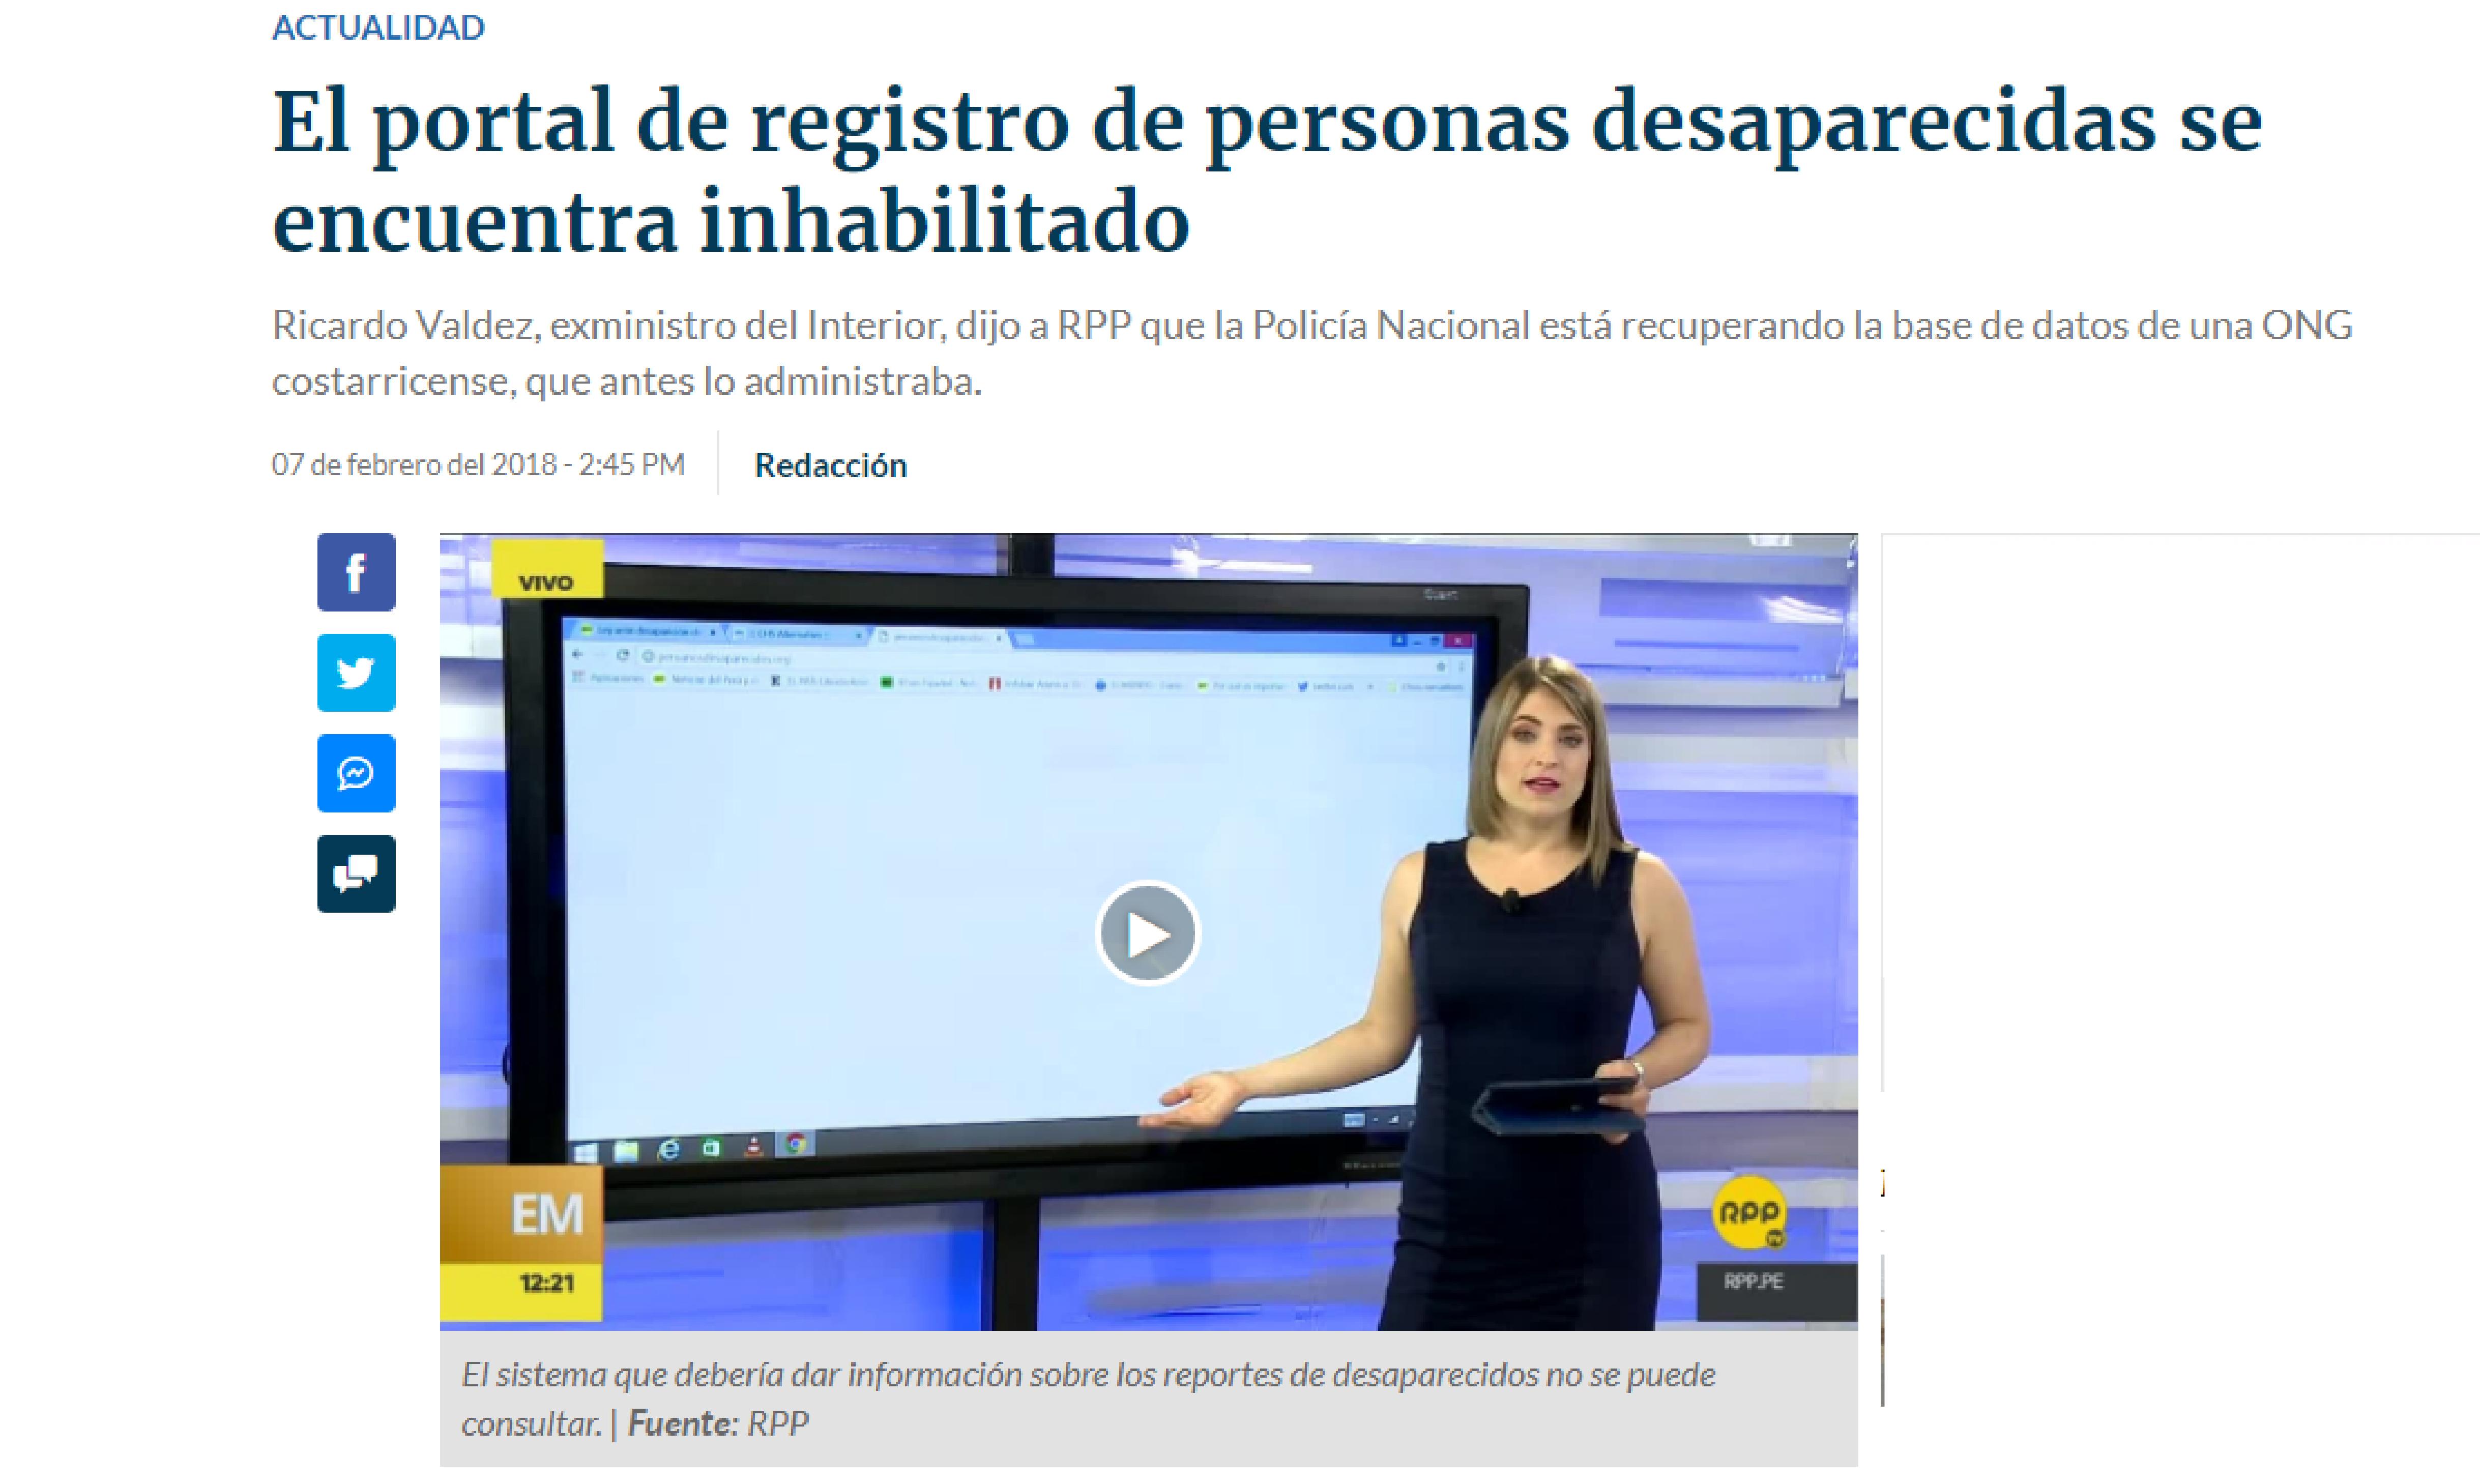 RPP: El portal de registro de personas desaparecidas se encuentra inhabilitado